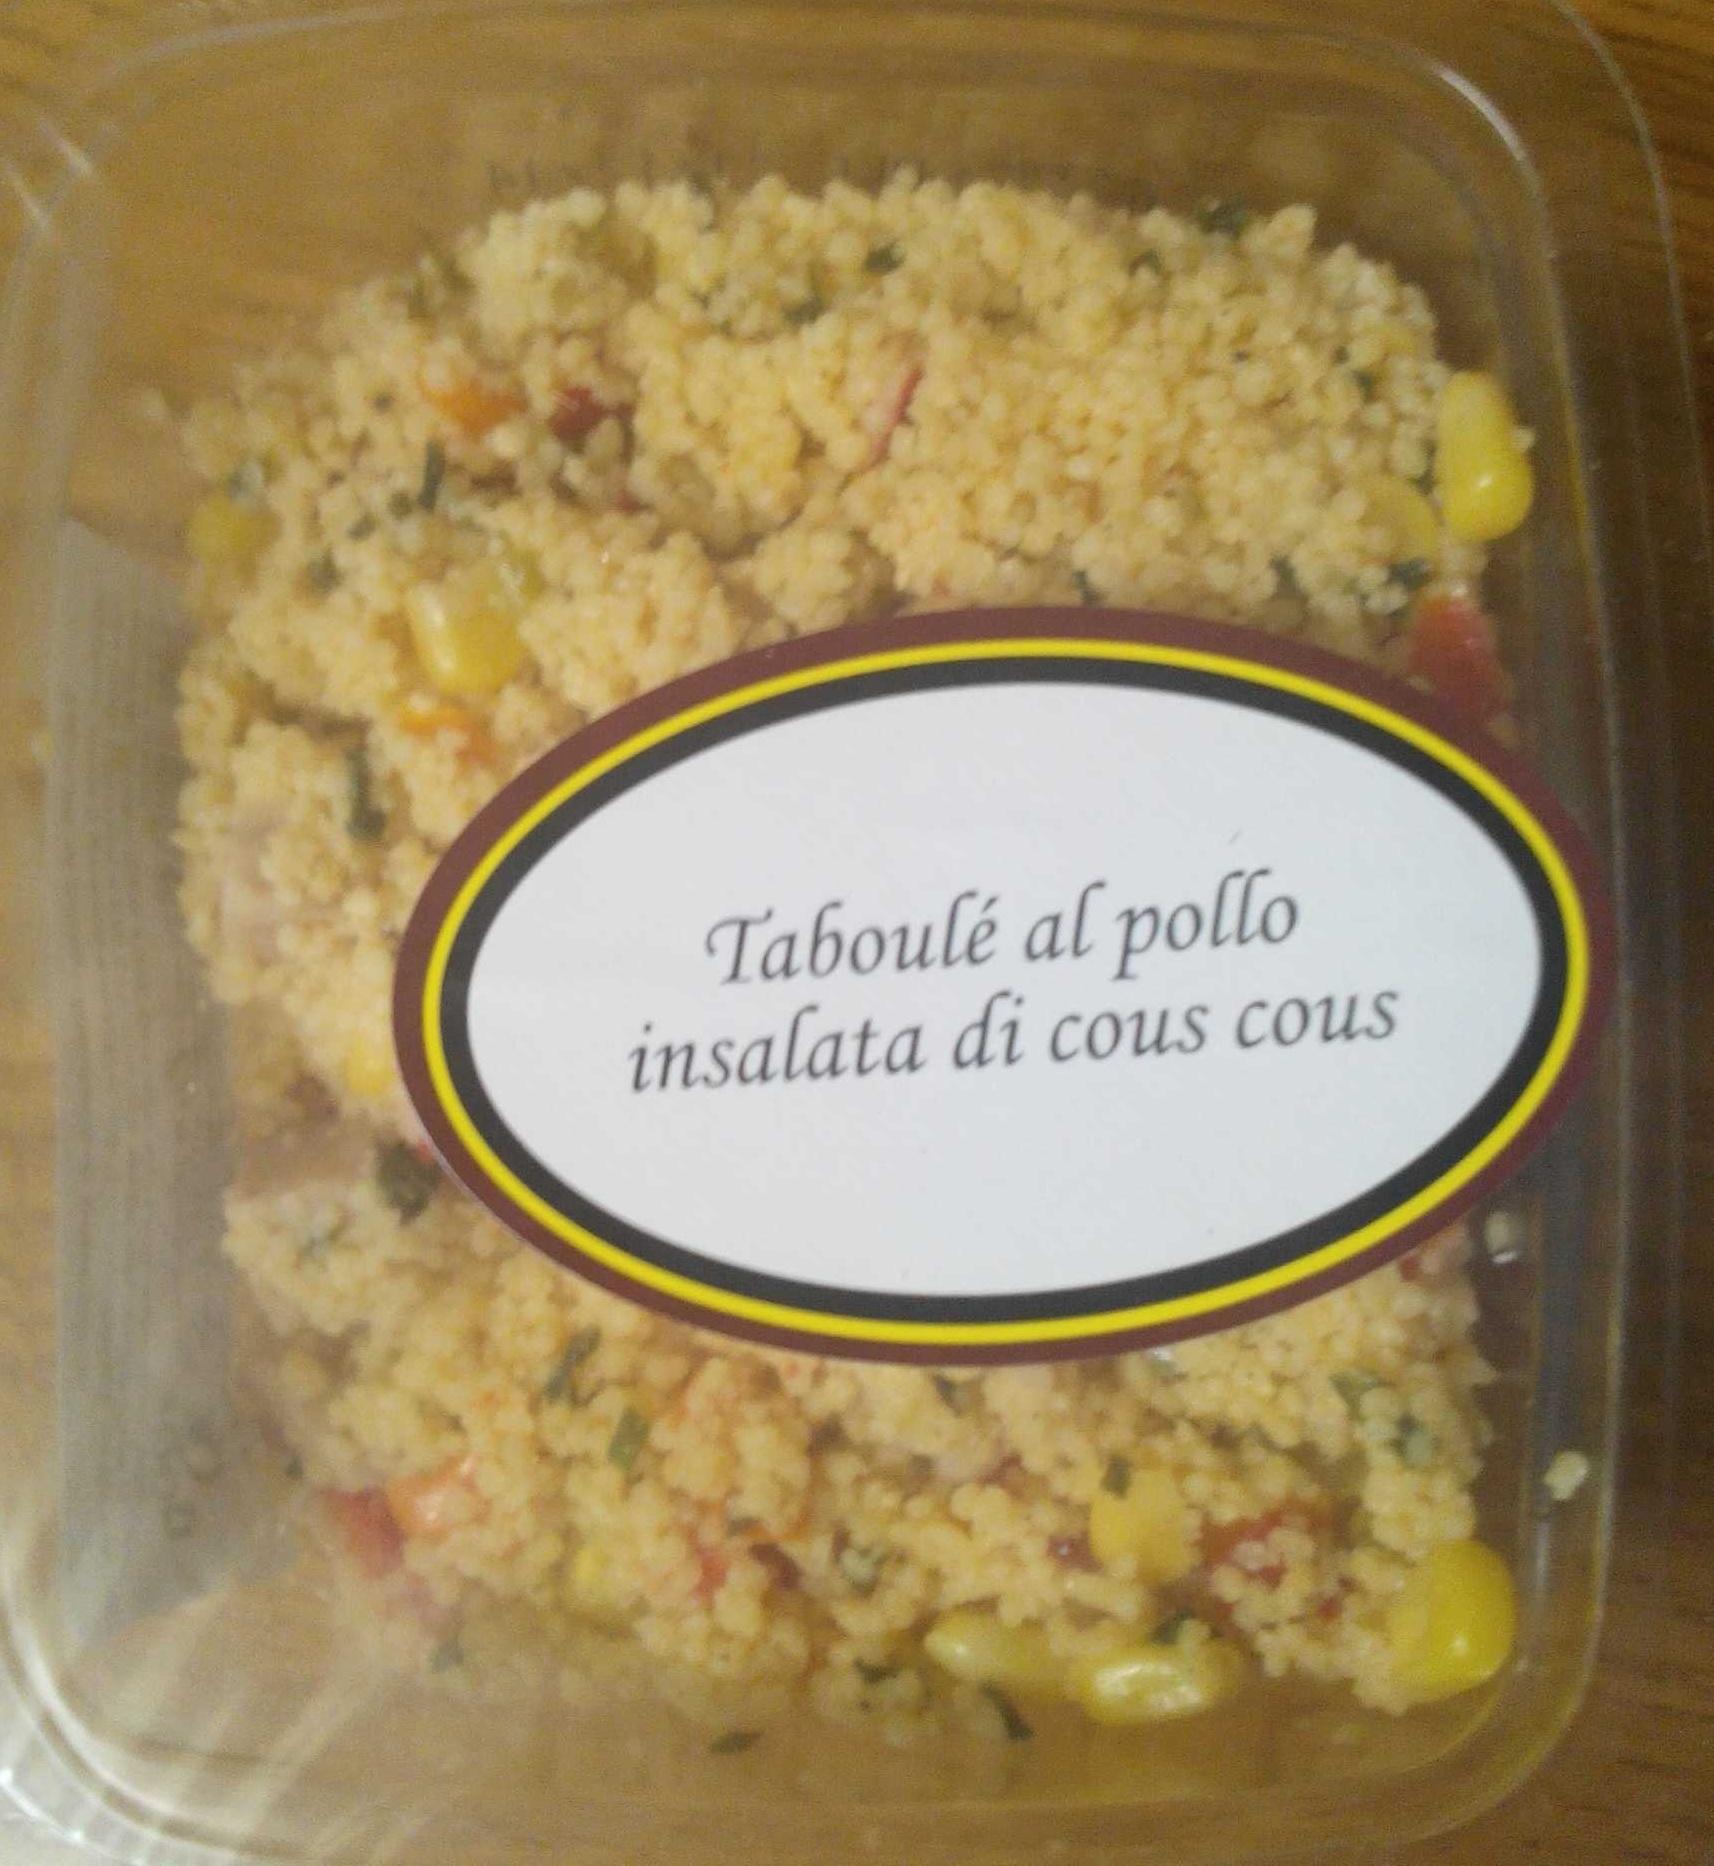 Taboulé al pollo insalata di cous cous - Produit